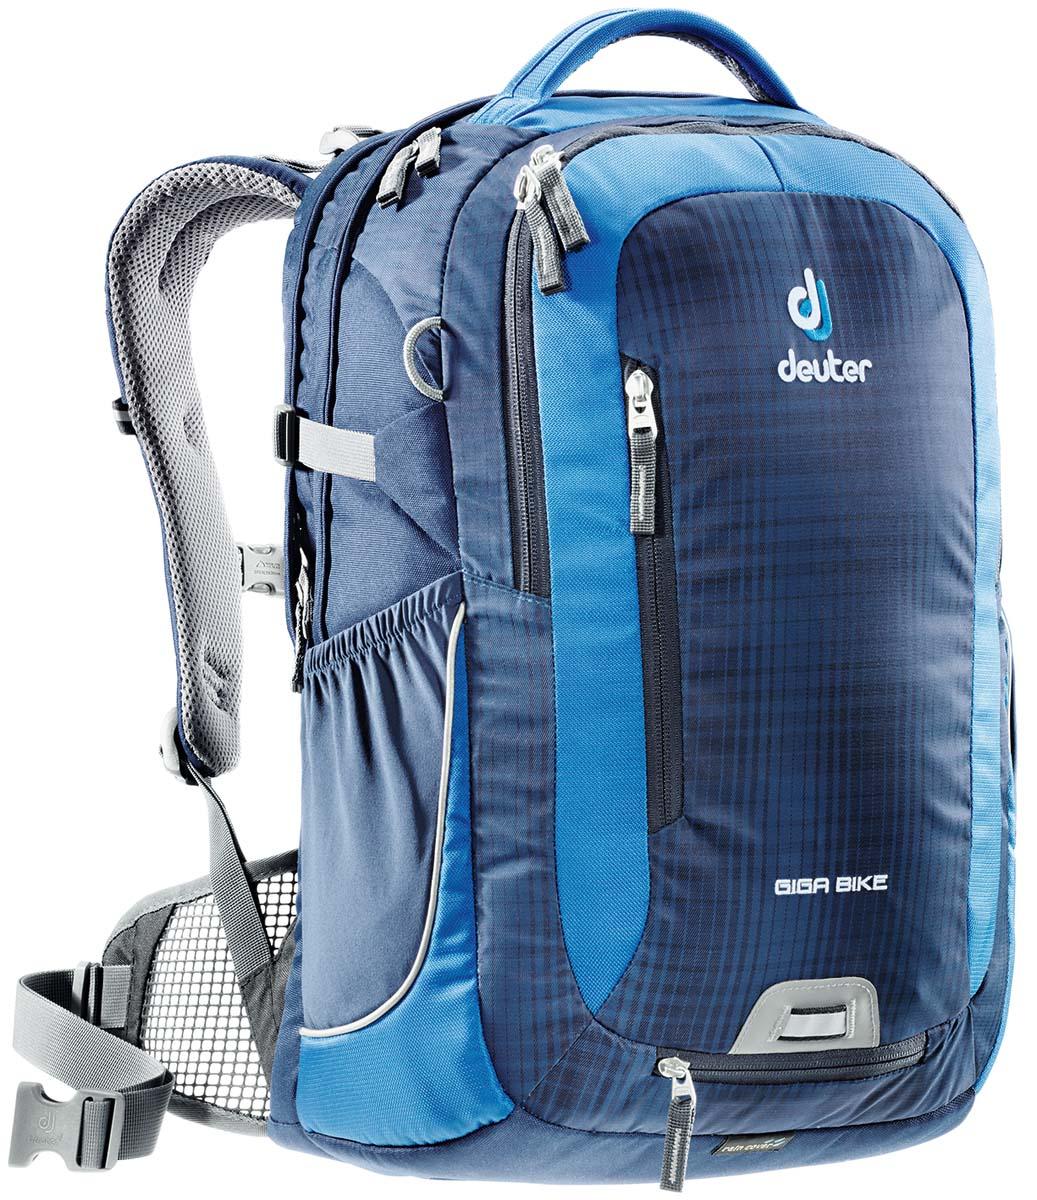 Рюкзак Deuter Giga Bike, цвет: светло-голубой, синий, 28 л рюкзак deuter daypacks giga цвет бирюзовый 28 л